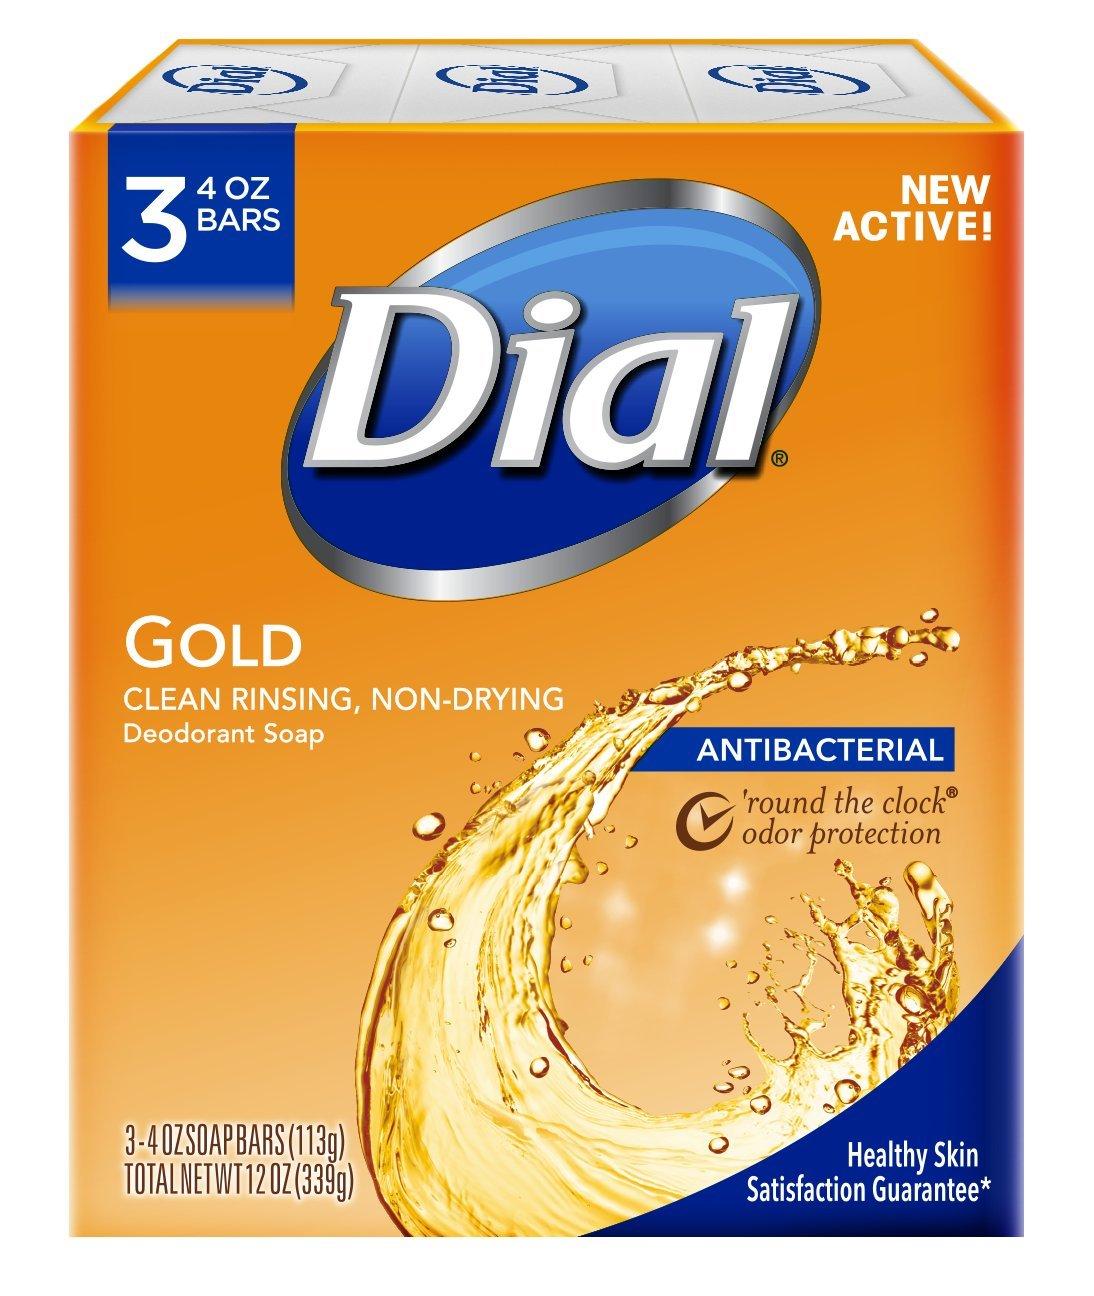 Amazon ~ Dial Antibacterial Soap (3) 4oz bars $1.61